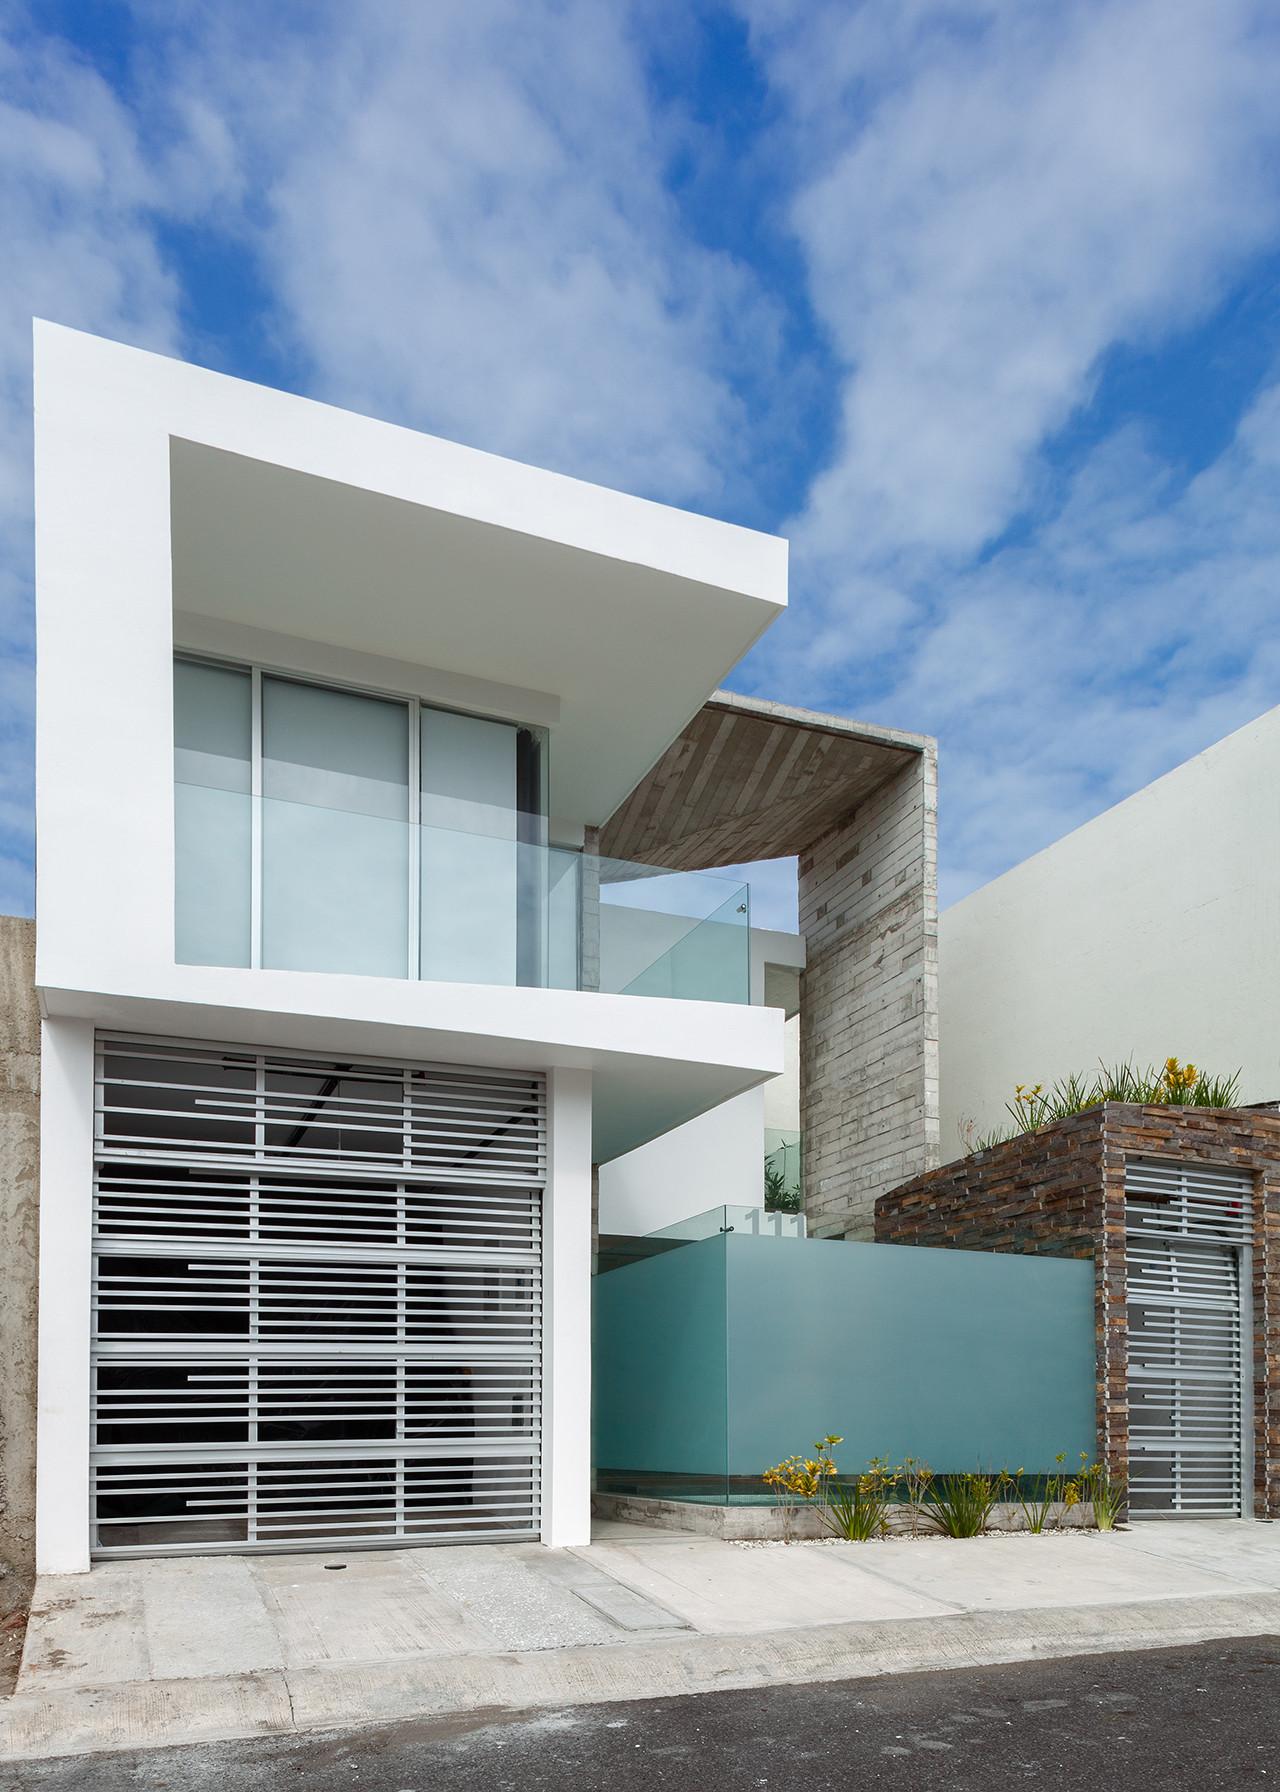 Casa Aedes / taller adc